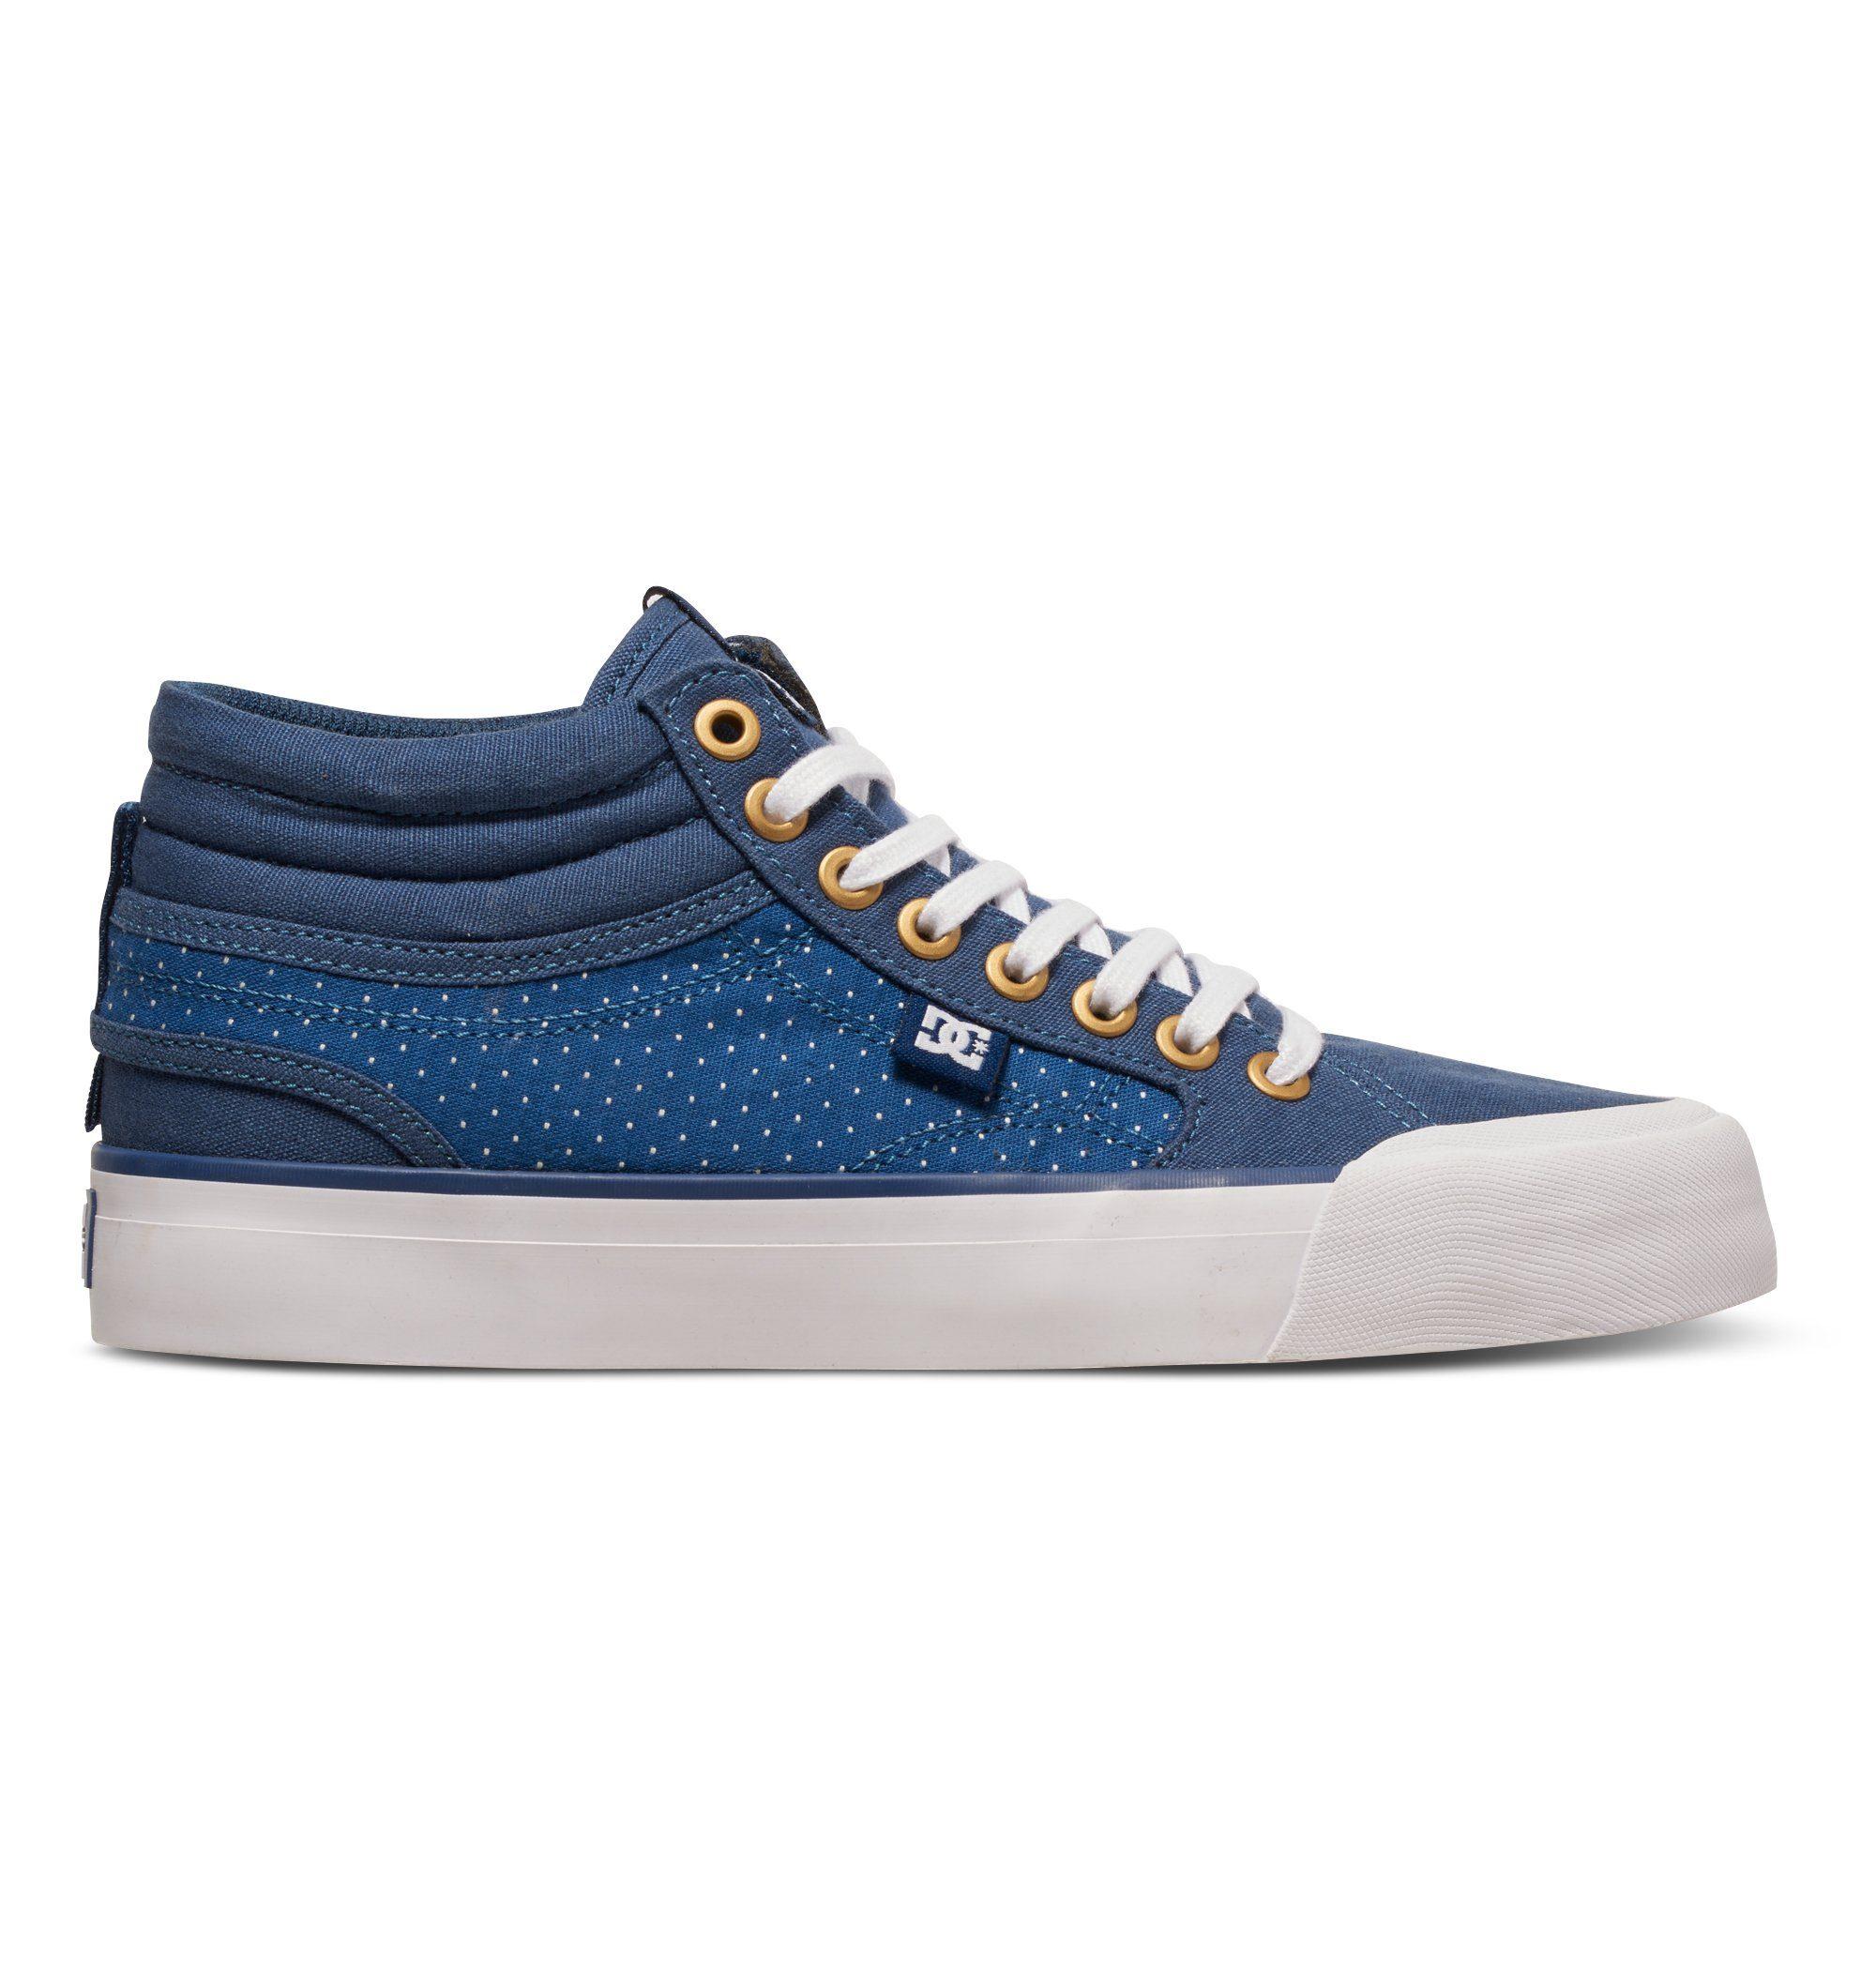 Bleu Chaussures Otto OJMDA0M4